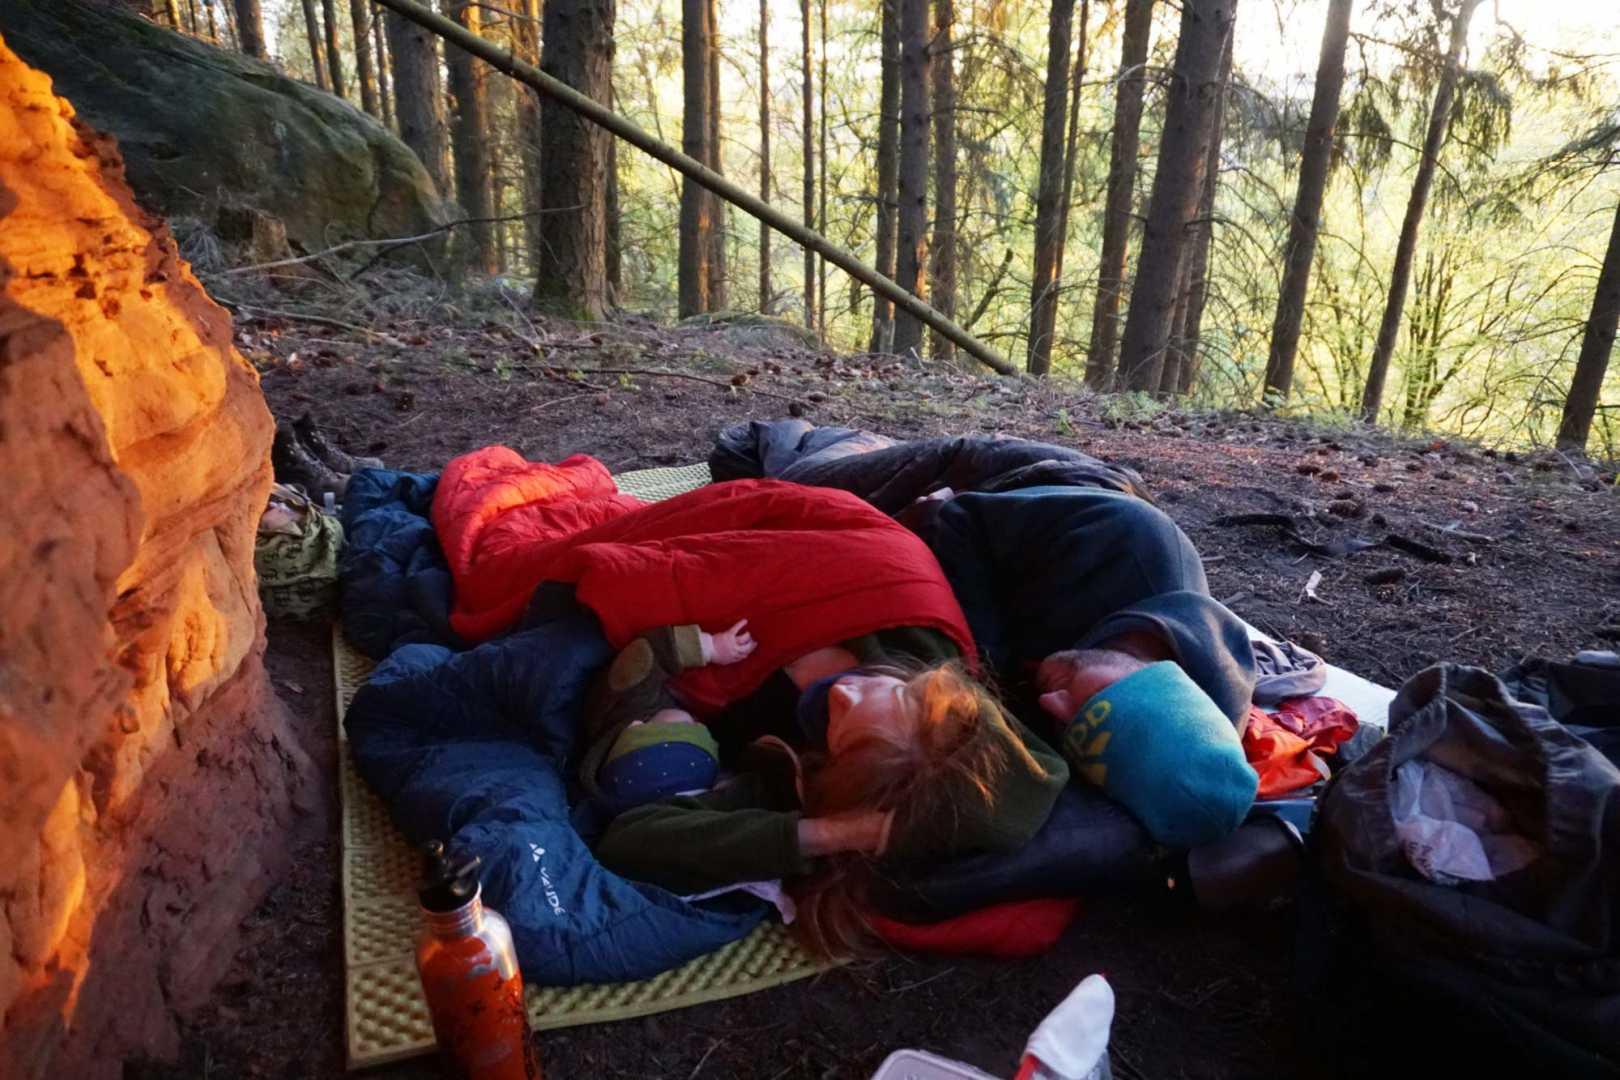 Draußen schlafen: Das ultimative Mikroabenteuer mit Kindern. Jana, Paddy und der Kleine im Schlafsack